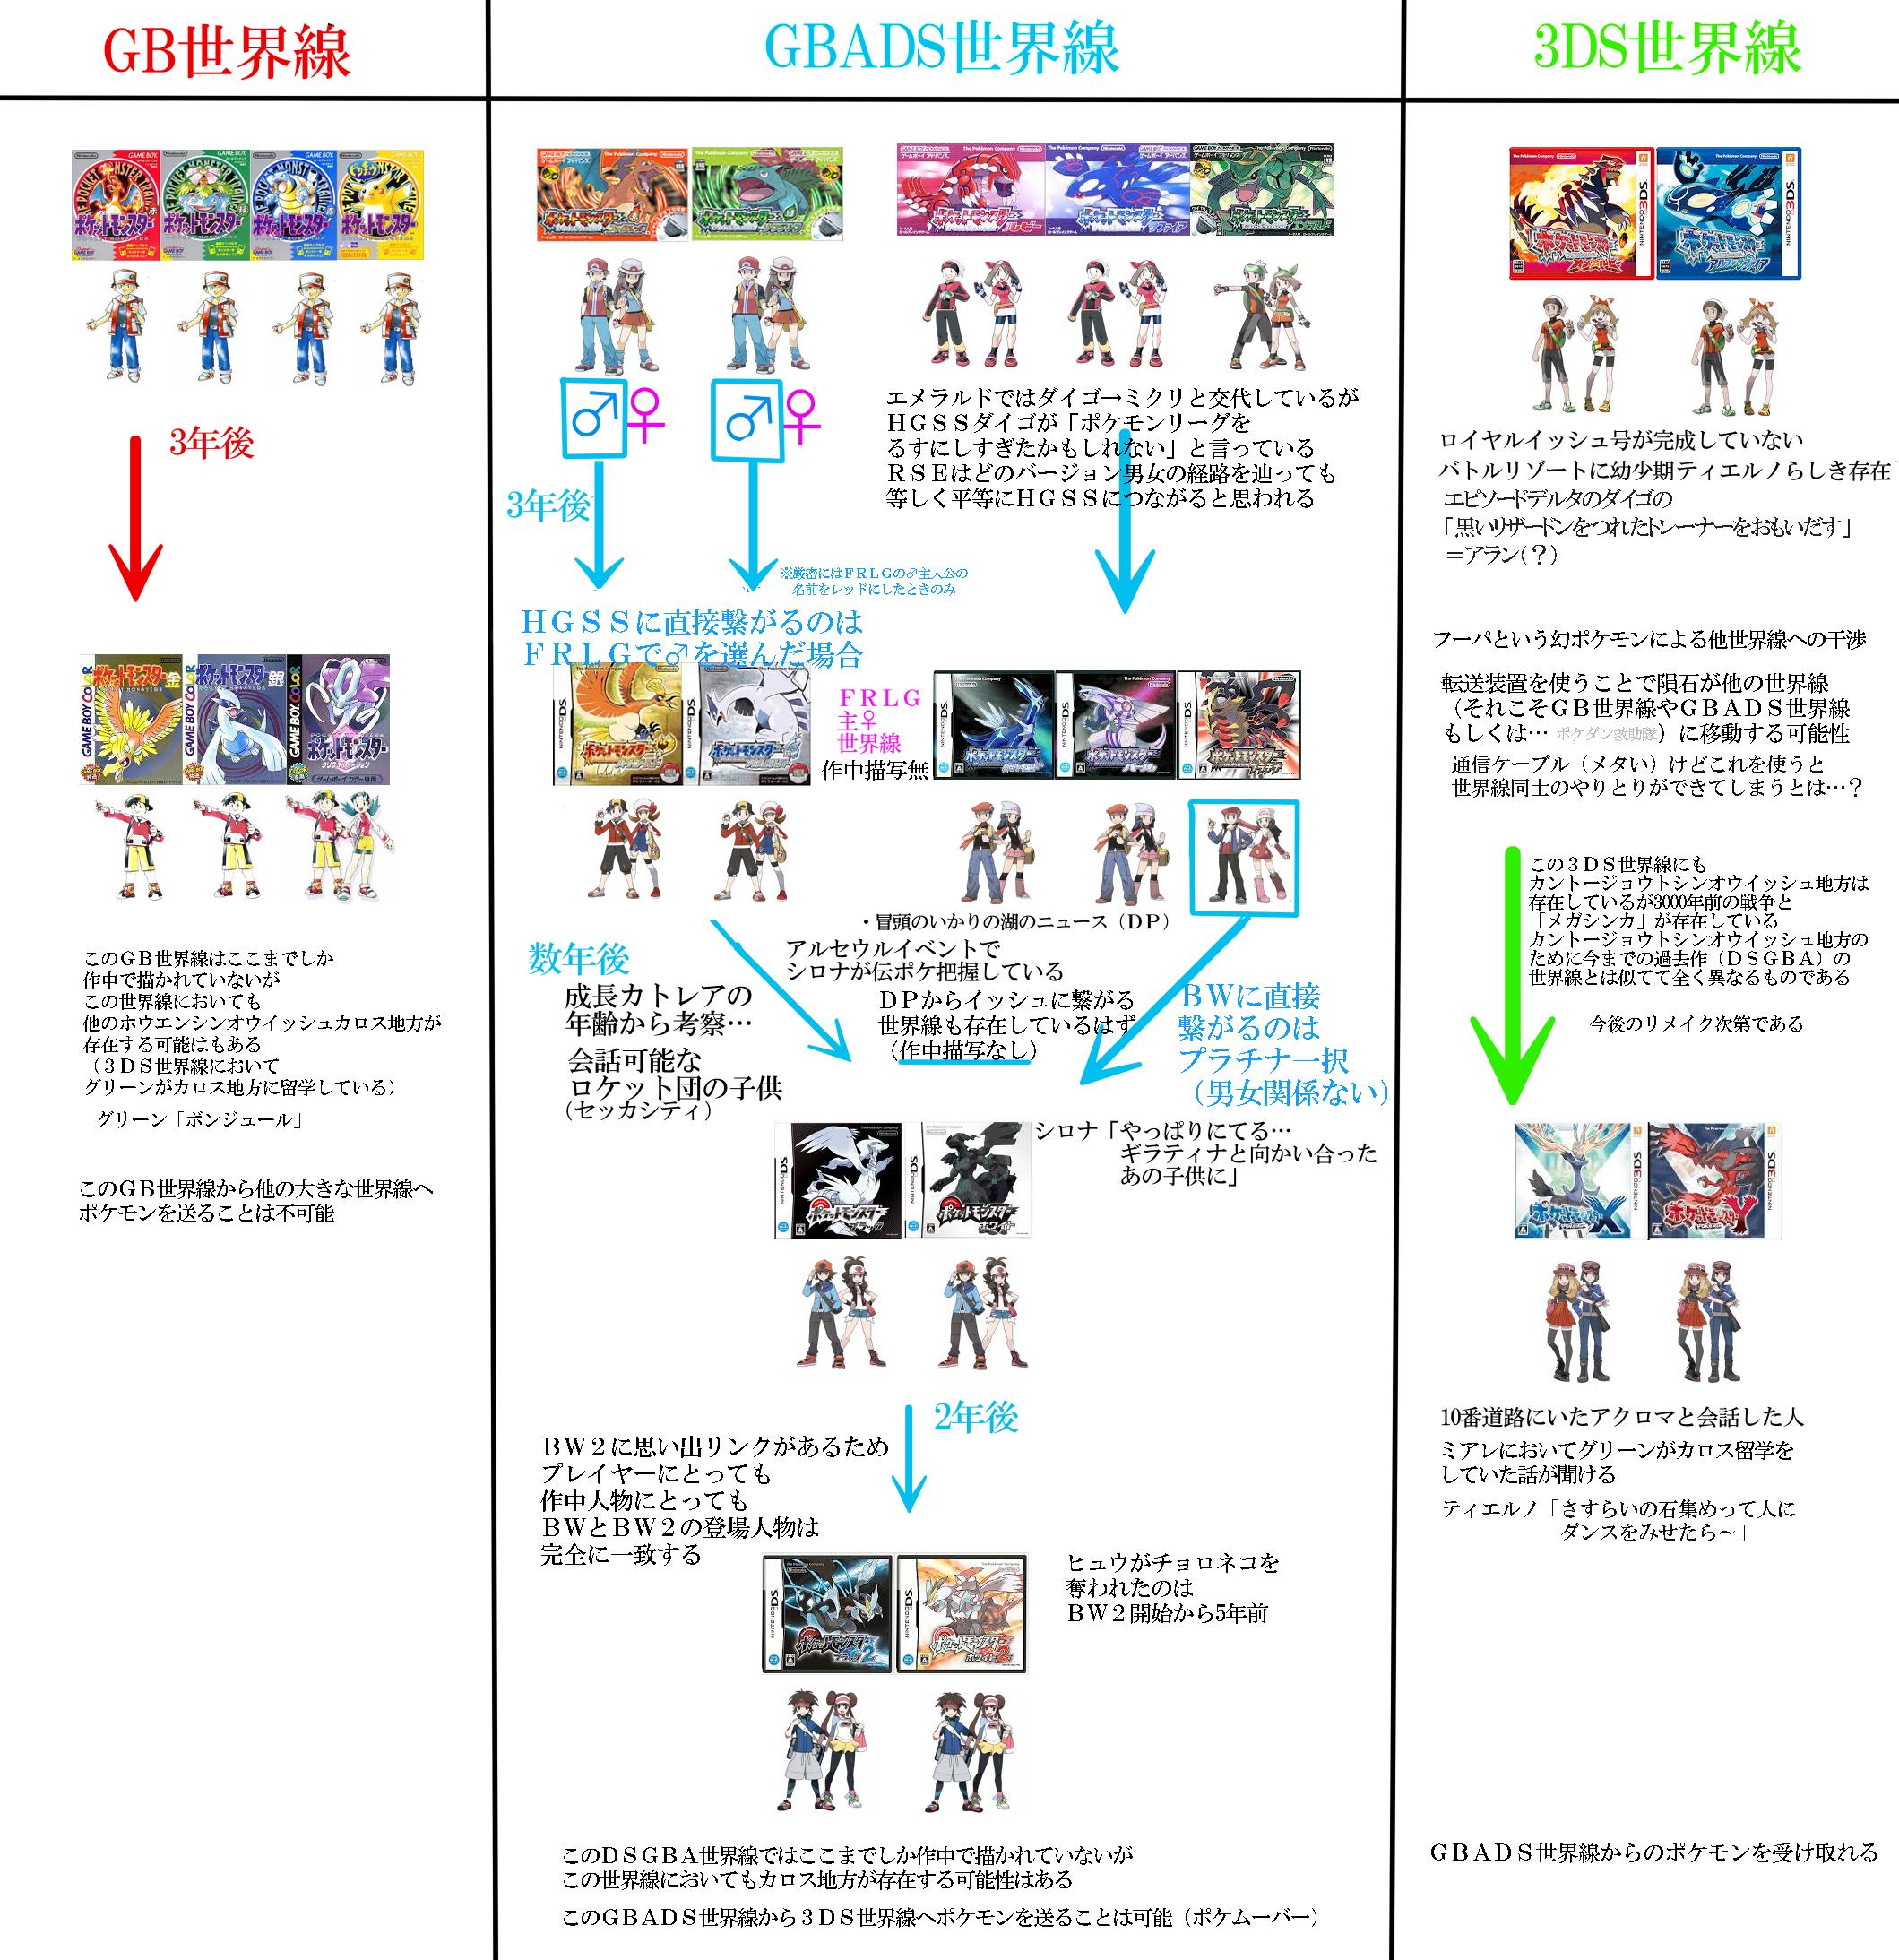 ポケモン考察 - r<c